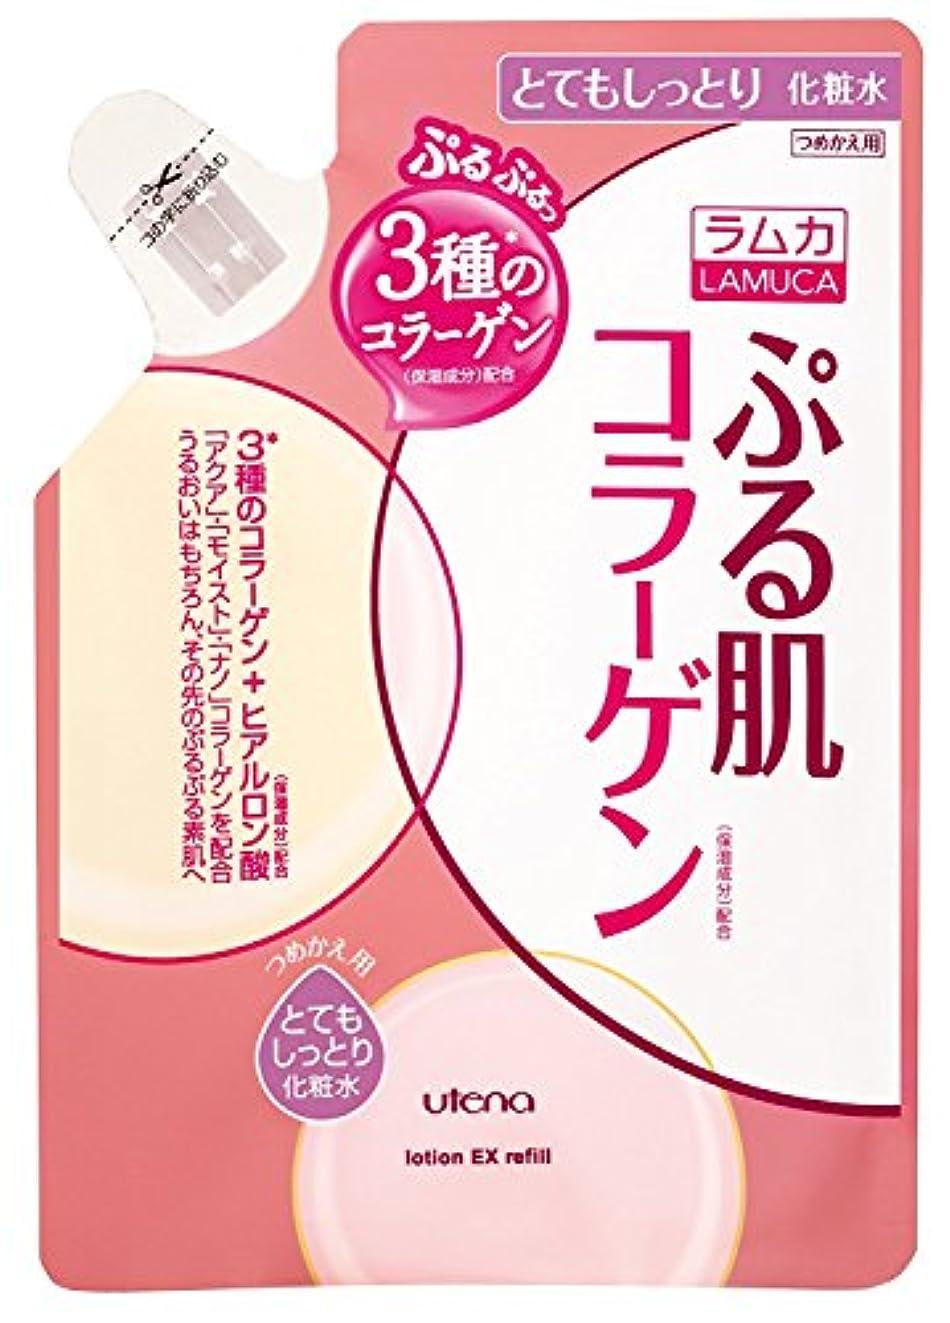 作曲する送った潜む【ウテナ】ラムカ ぷる肌化粧水 とてもしっとり つめかえ用 180ml ×10個セット